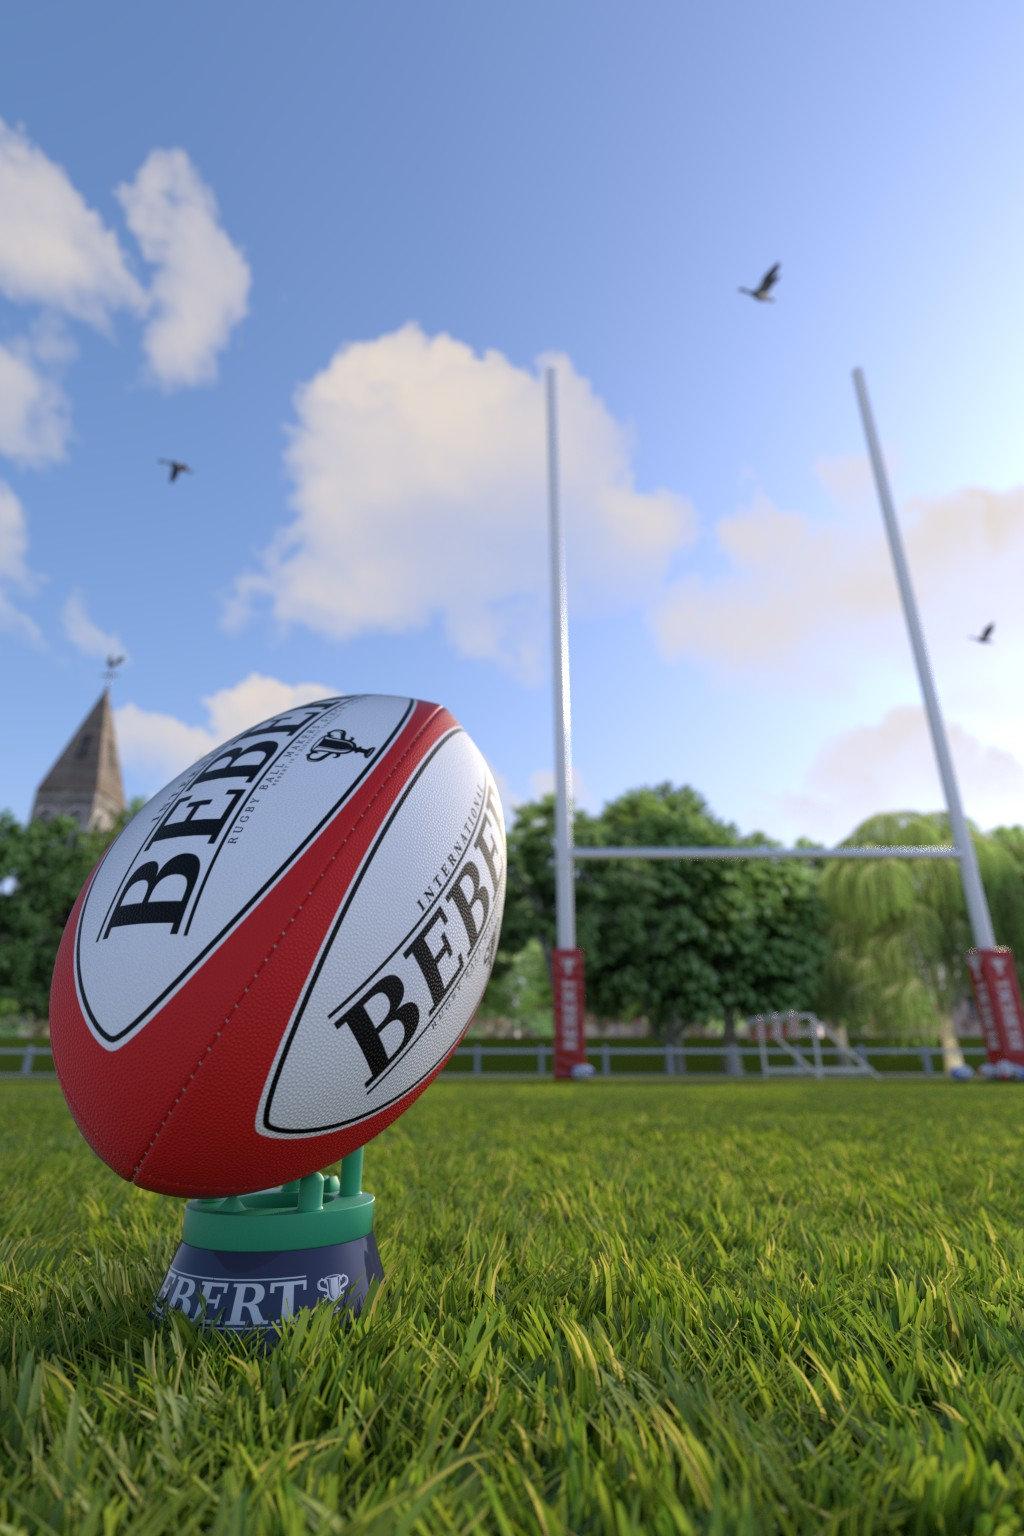 ballon de rugby ventuellement une participation au contest blenderguru par. Black Bedroom Furniture Sets. Home Design Ideas